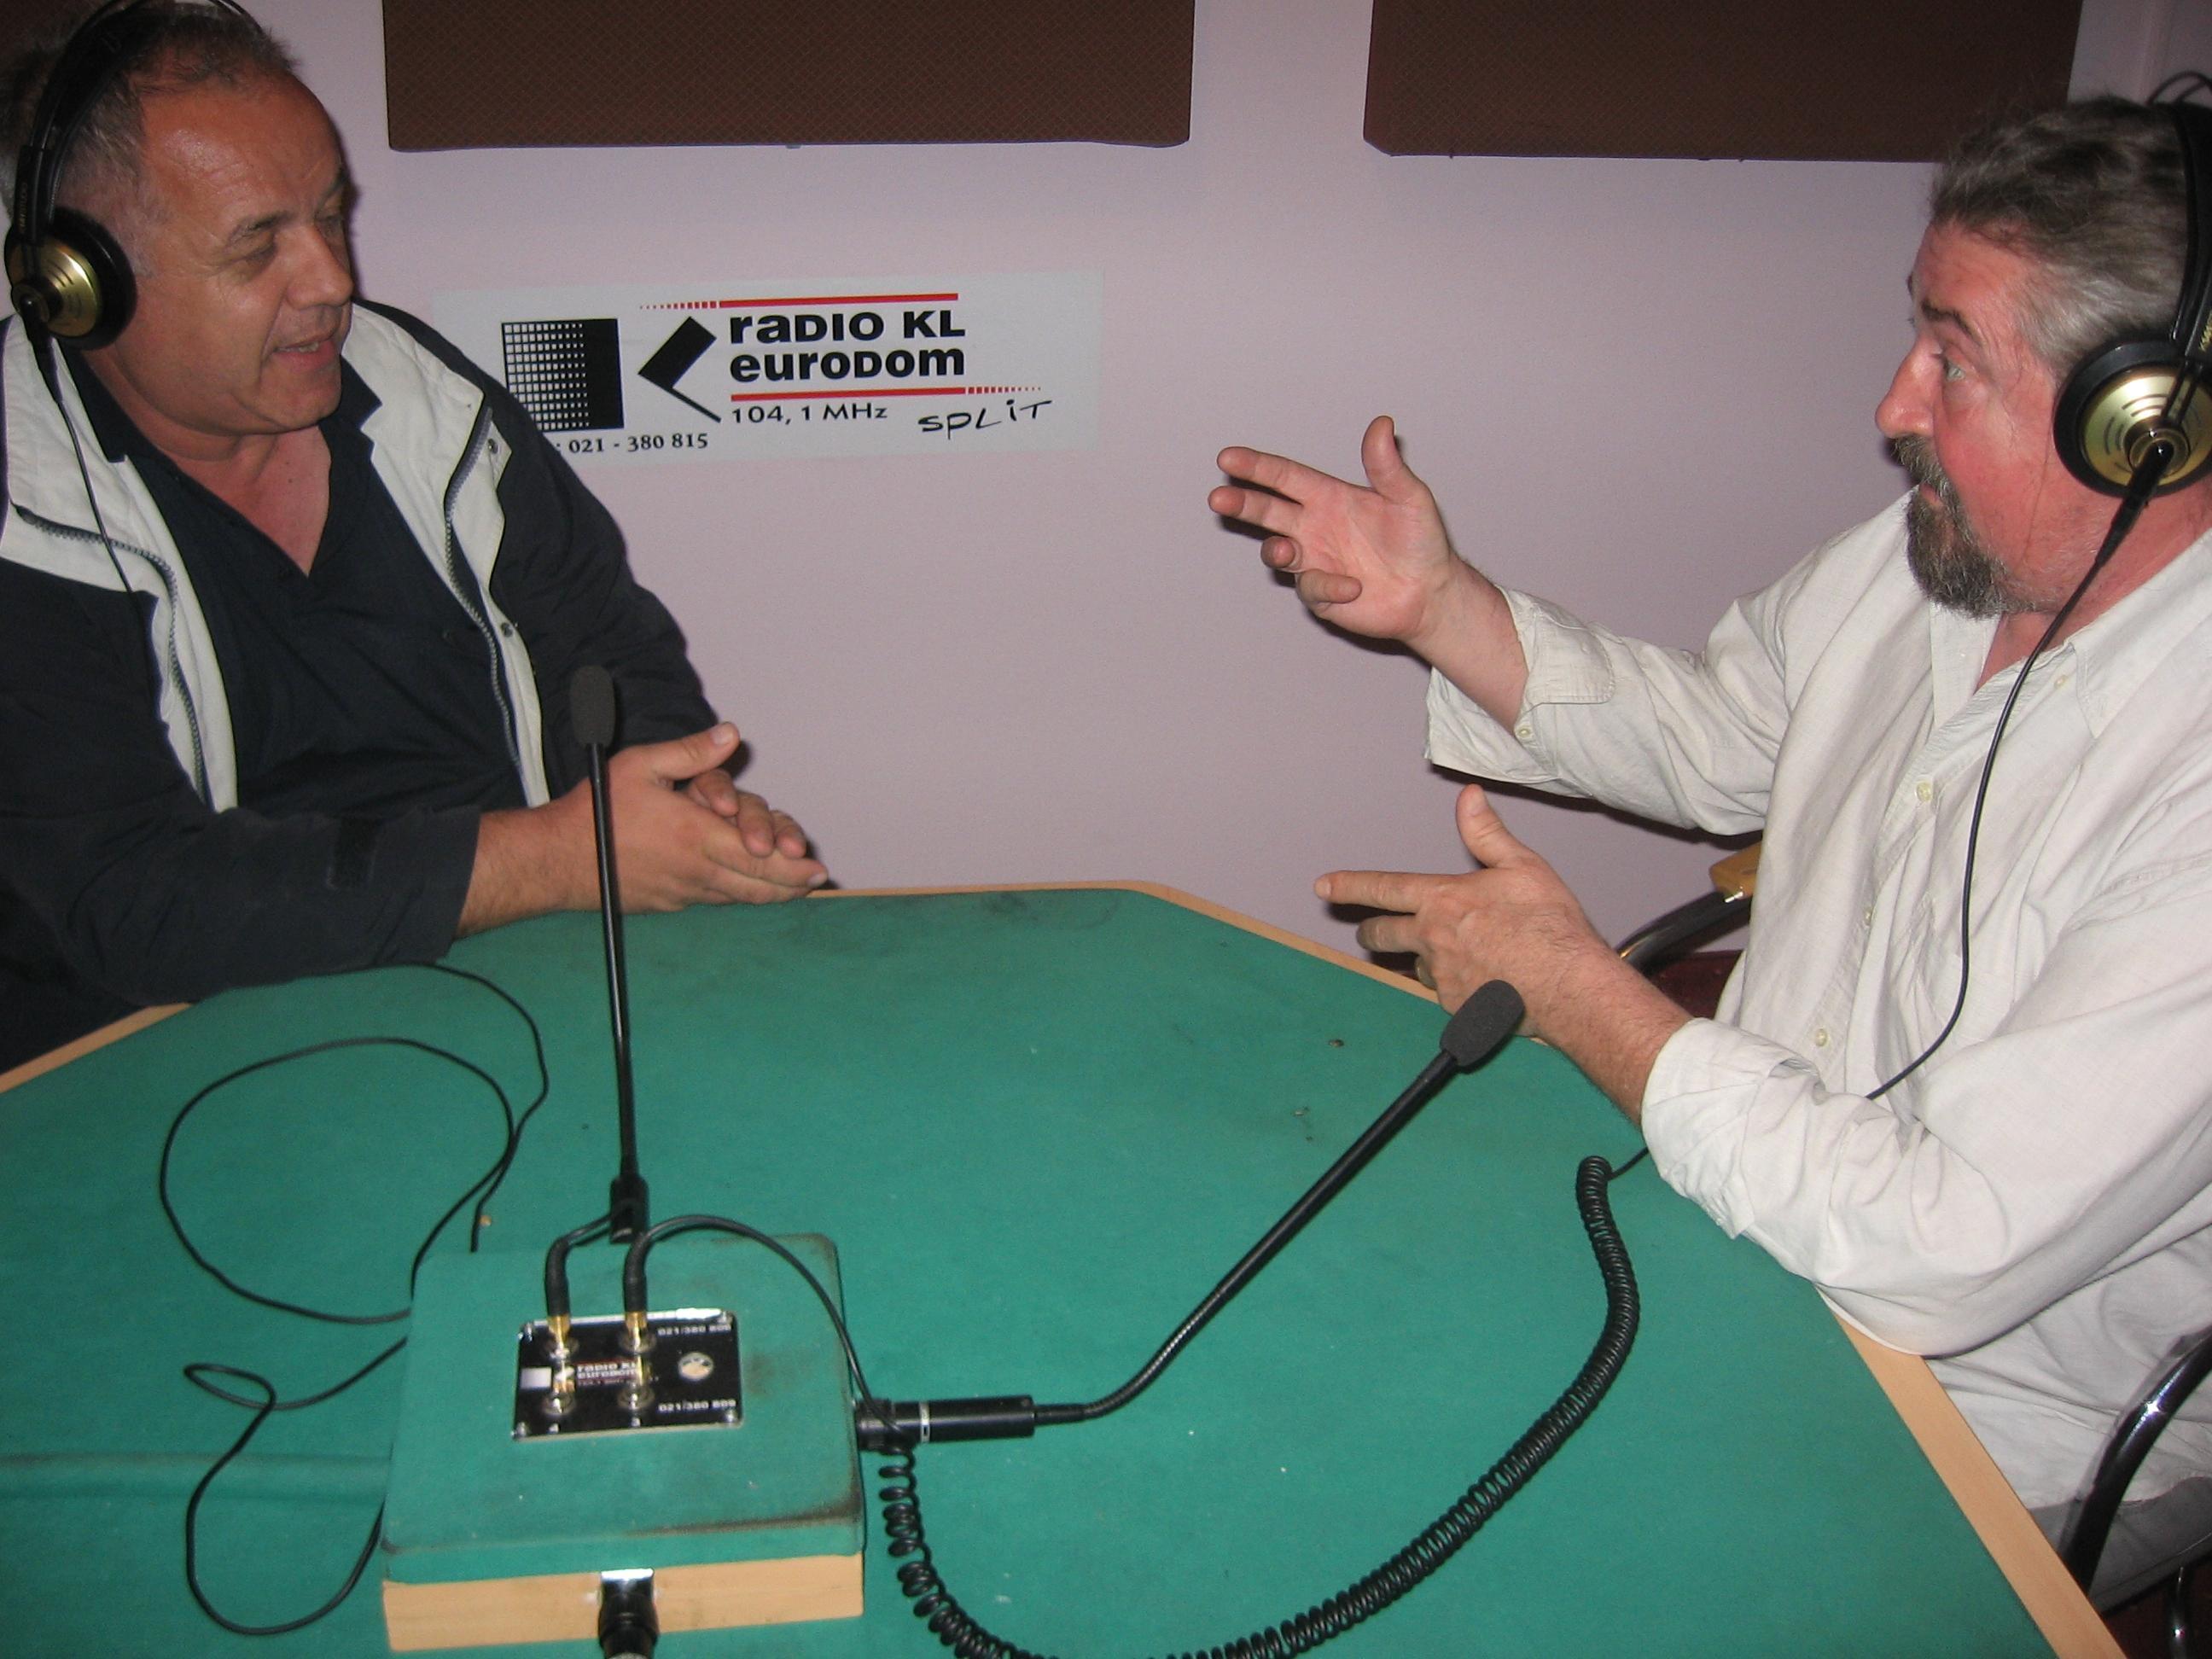 Makedonski jezik na radiju u Hrvatskoj